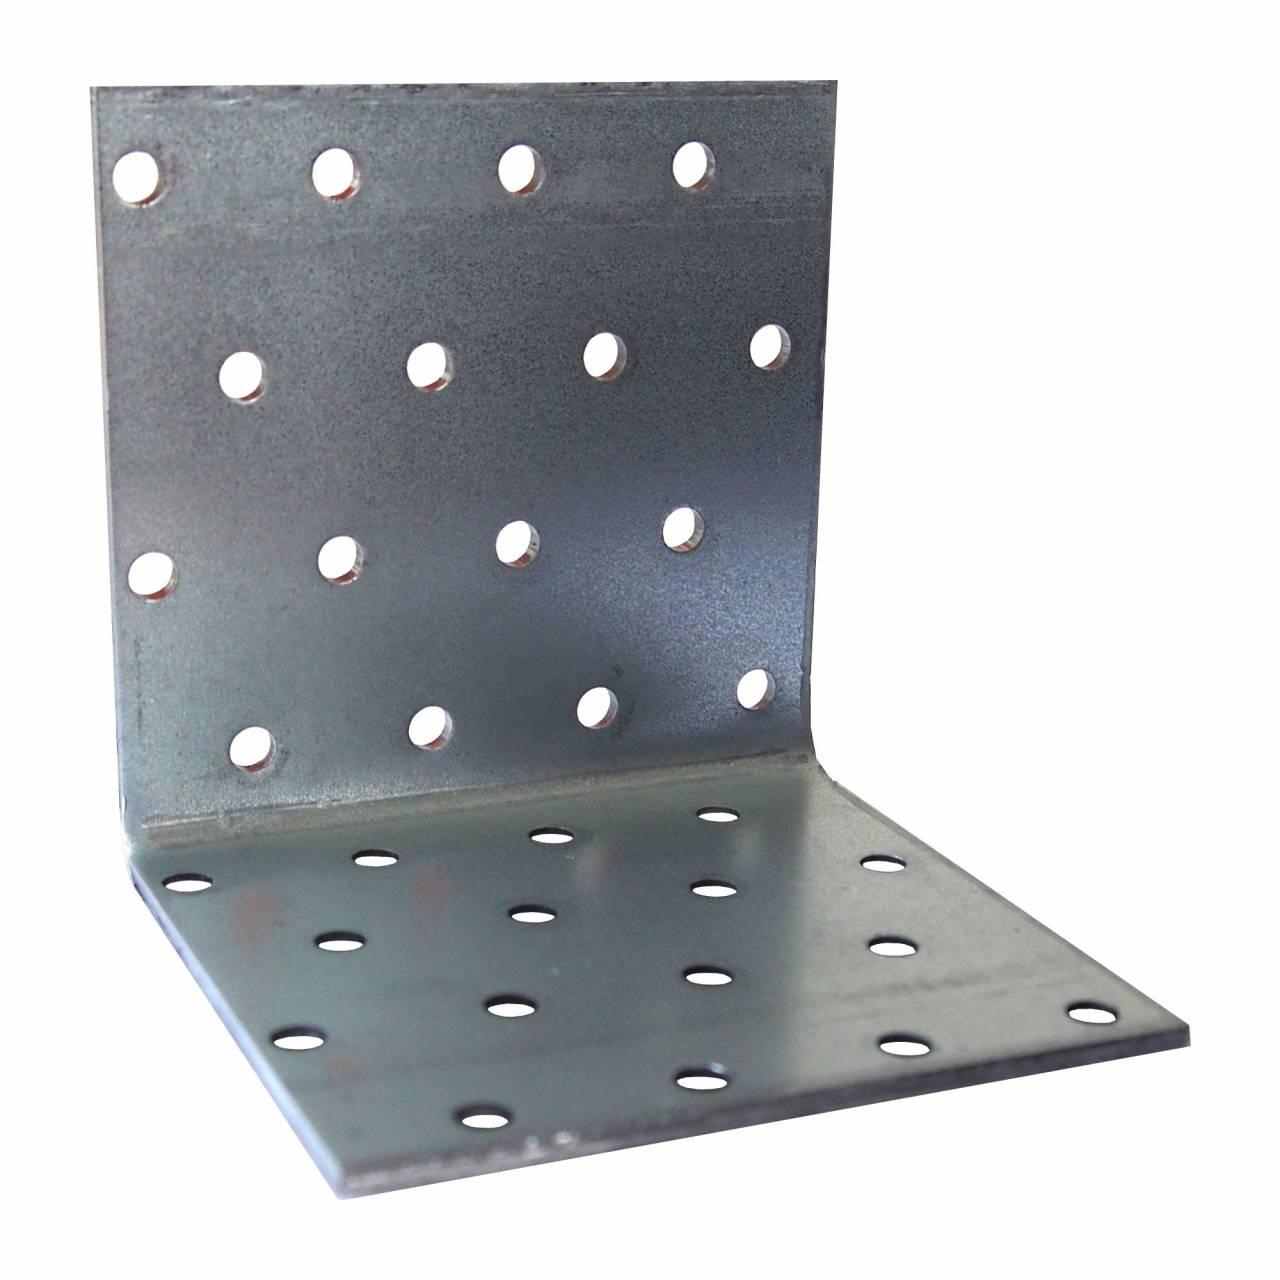 Lochplattenwinkel vz 80 x 80 x 80 x 2,5 mm